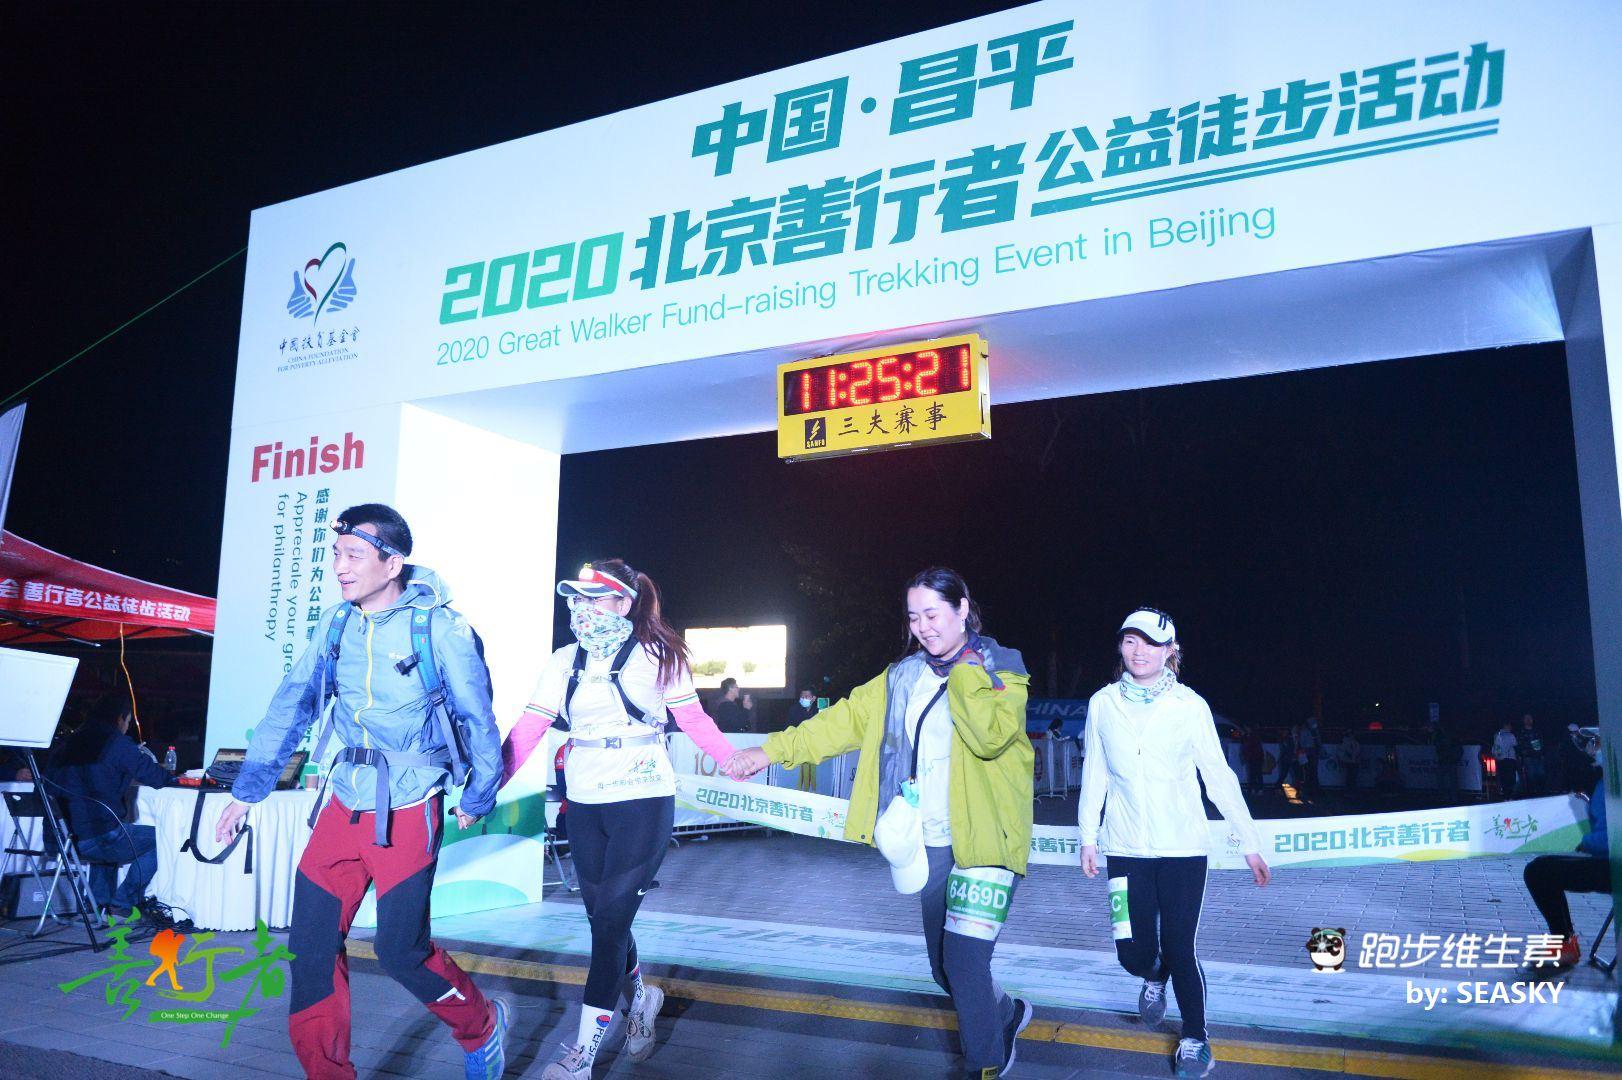 每一步都会带来改变——2020北京善行者